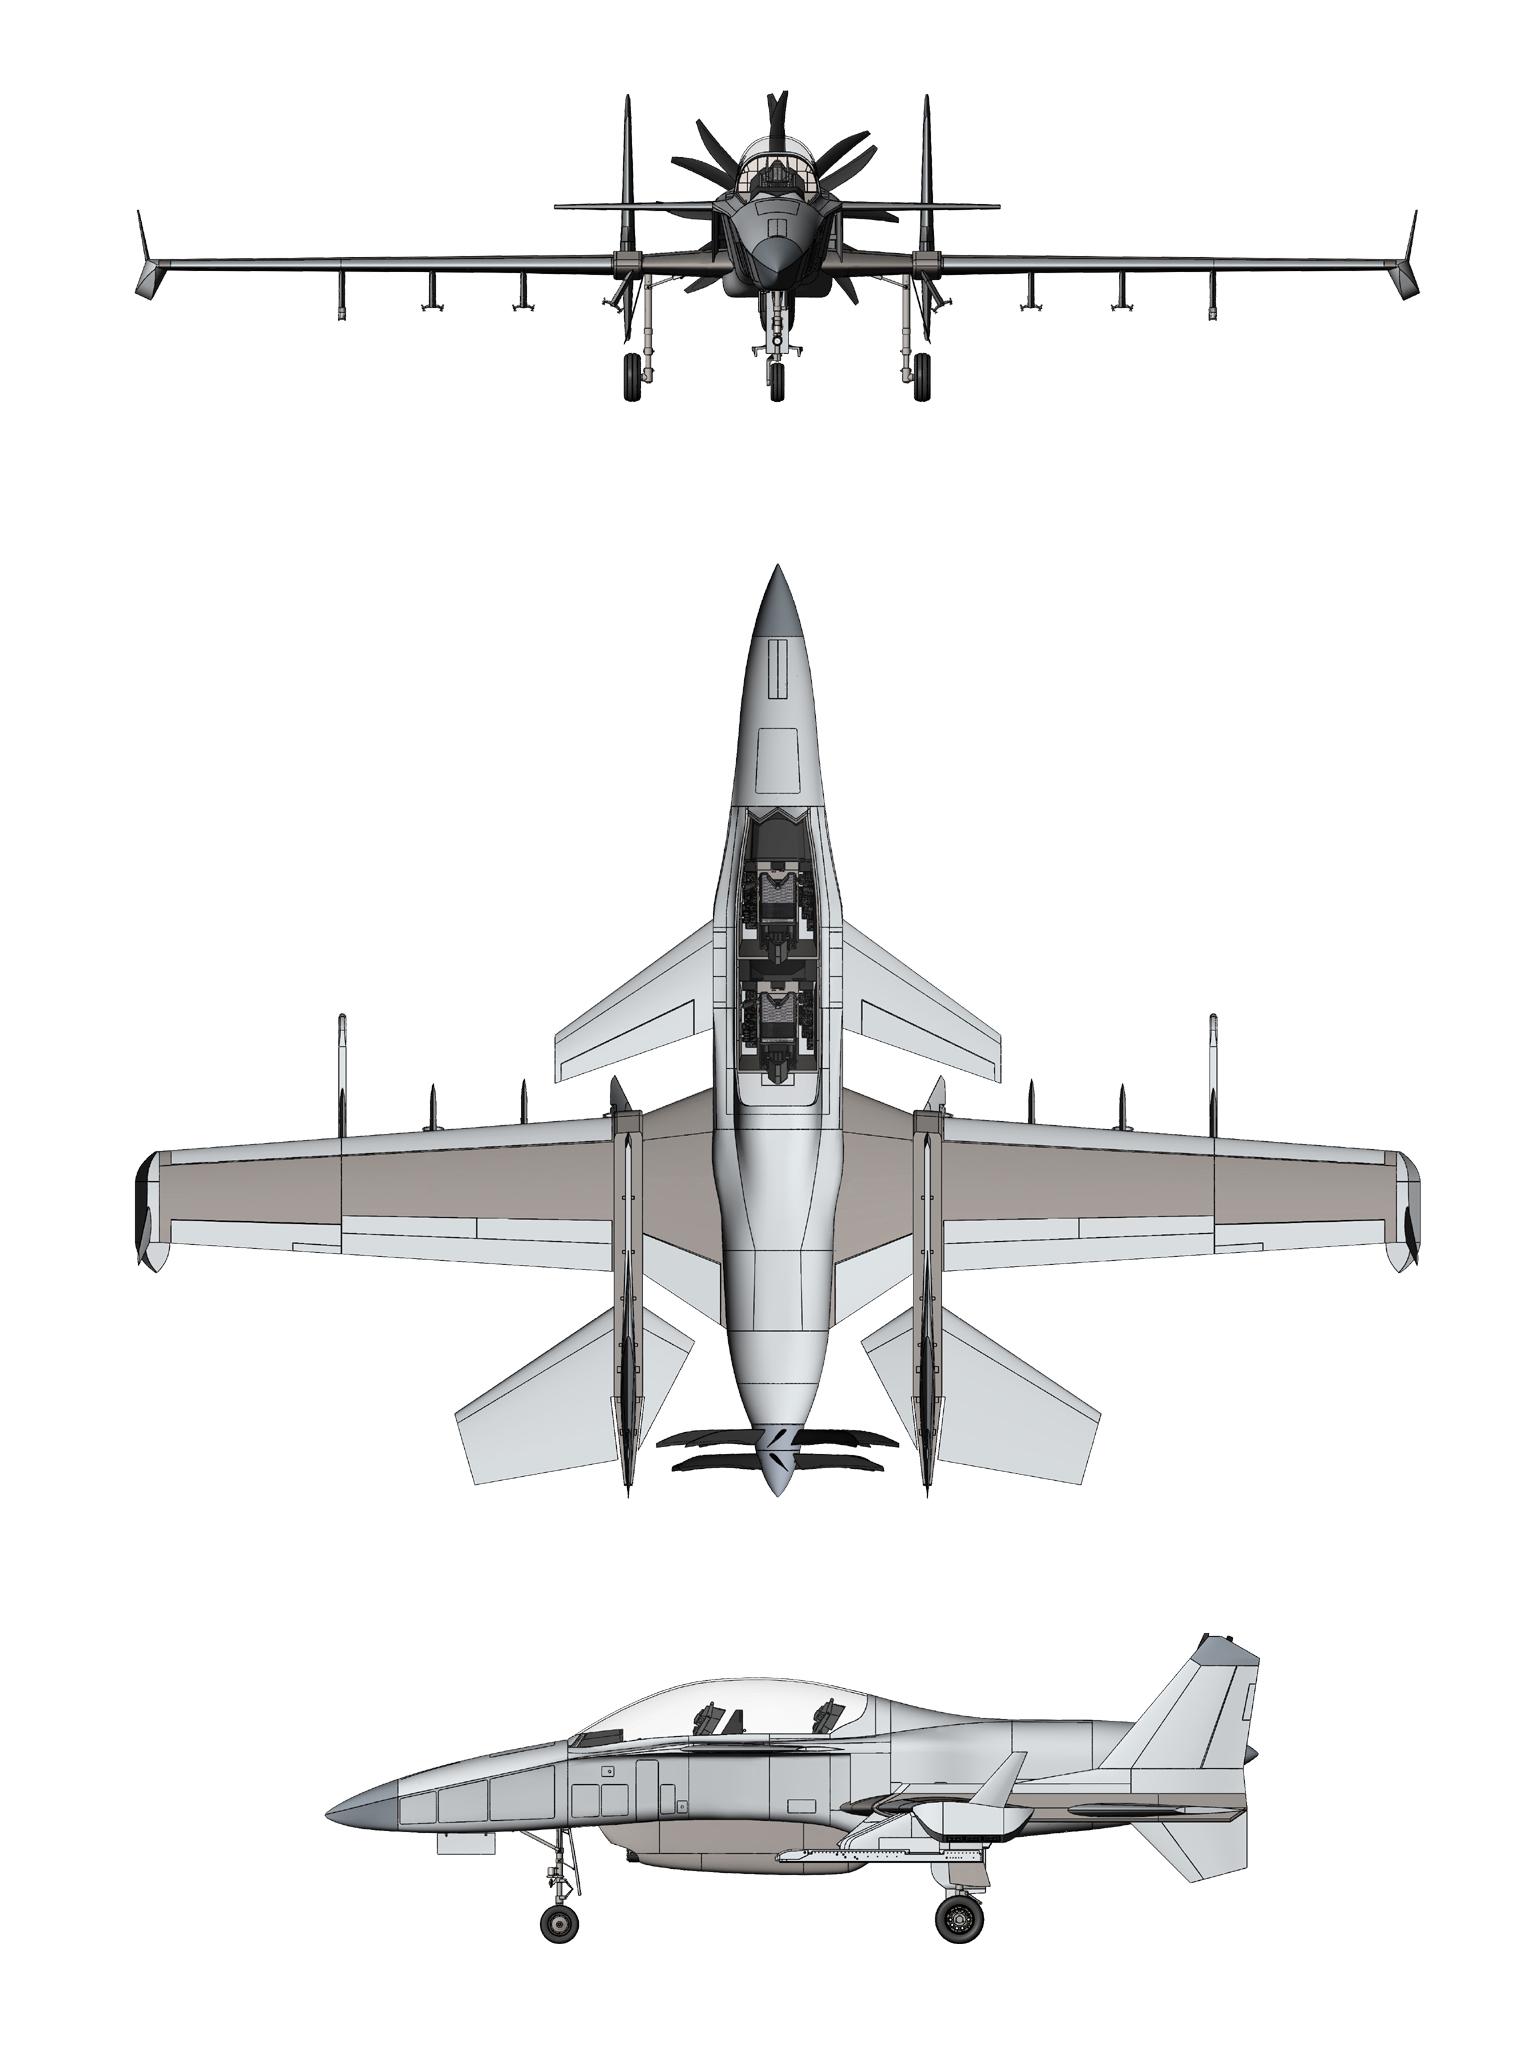 SM27T-MACHETE-ORTHOGRAPHIC-1